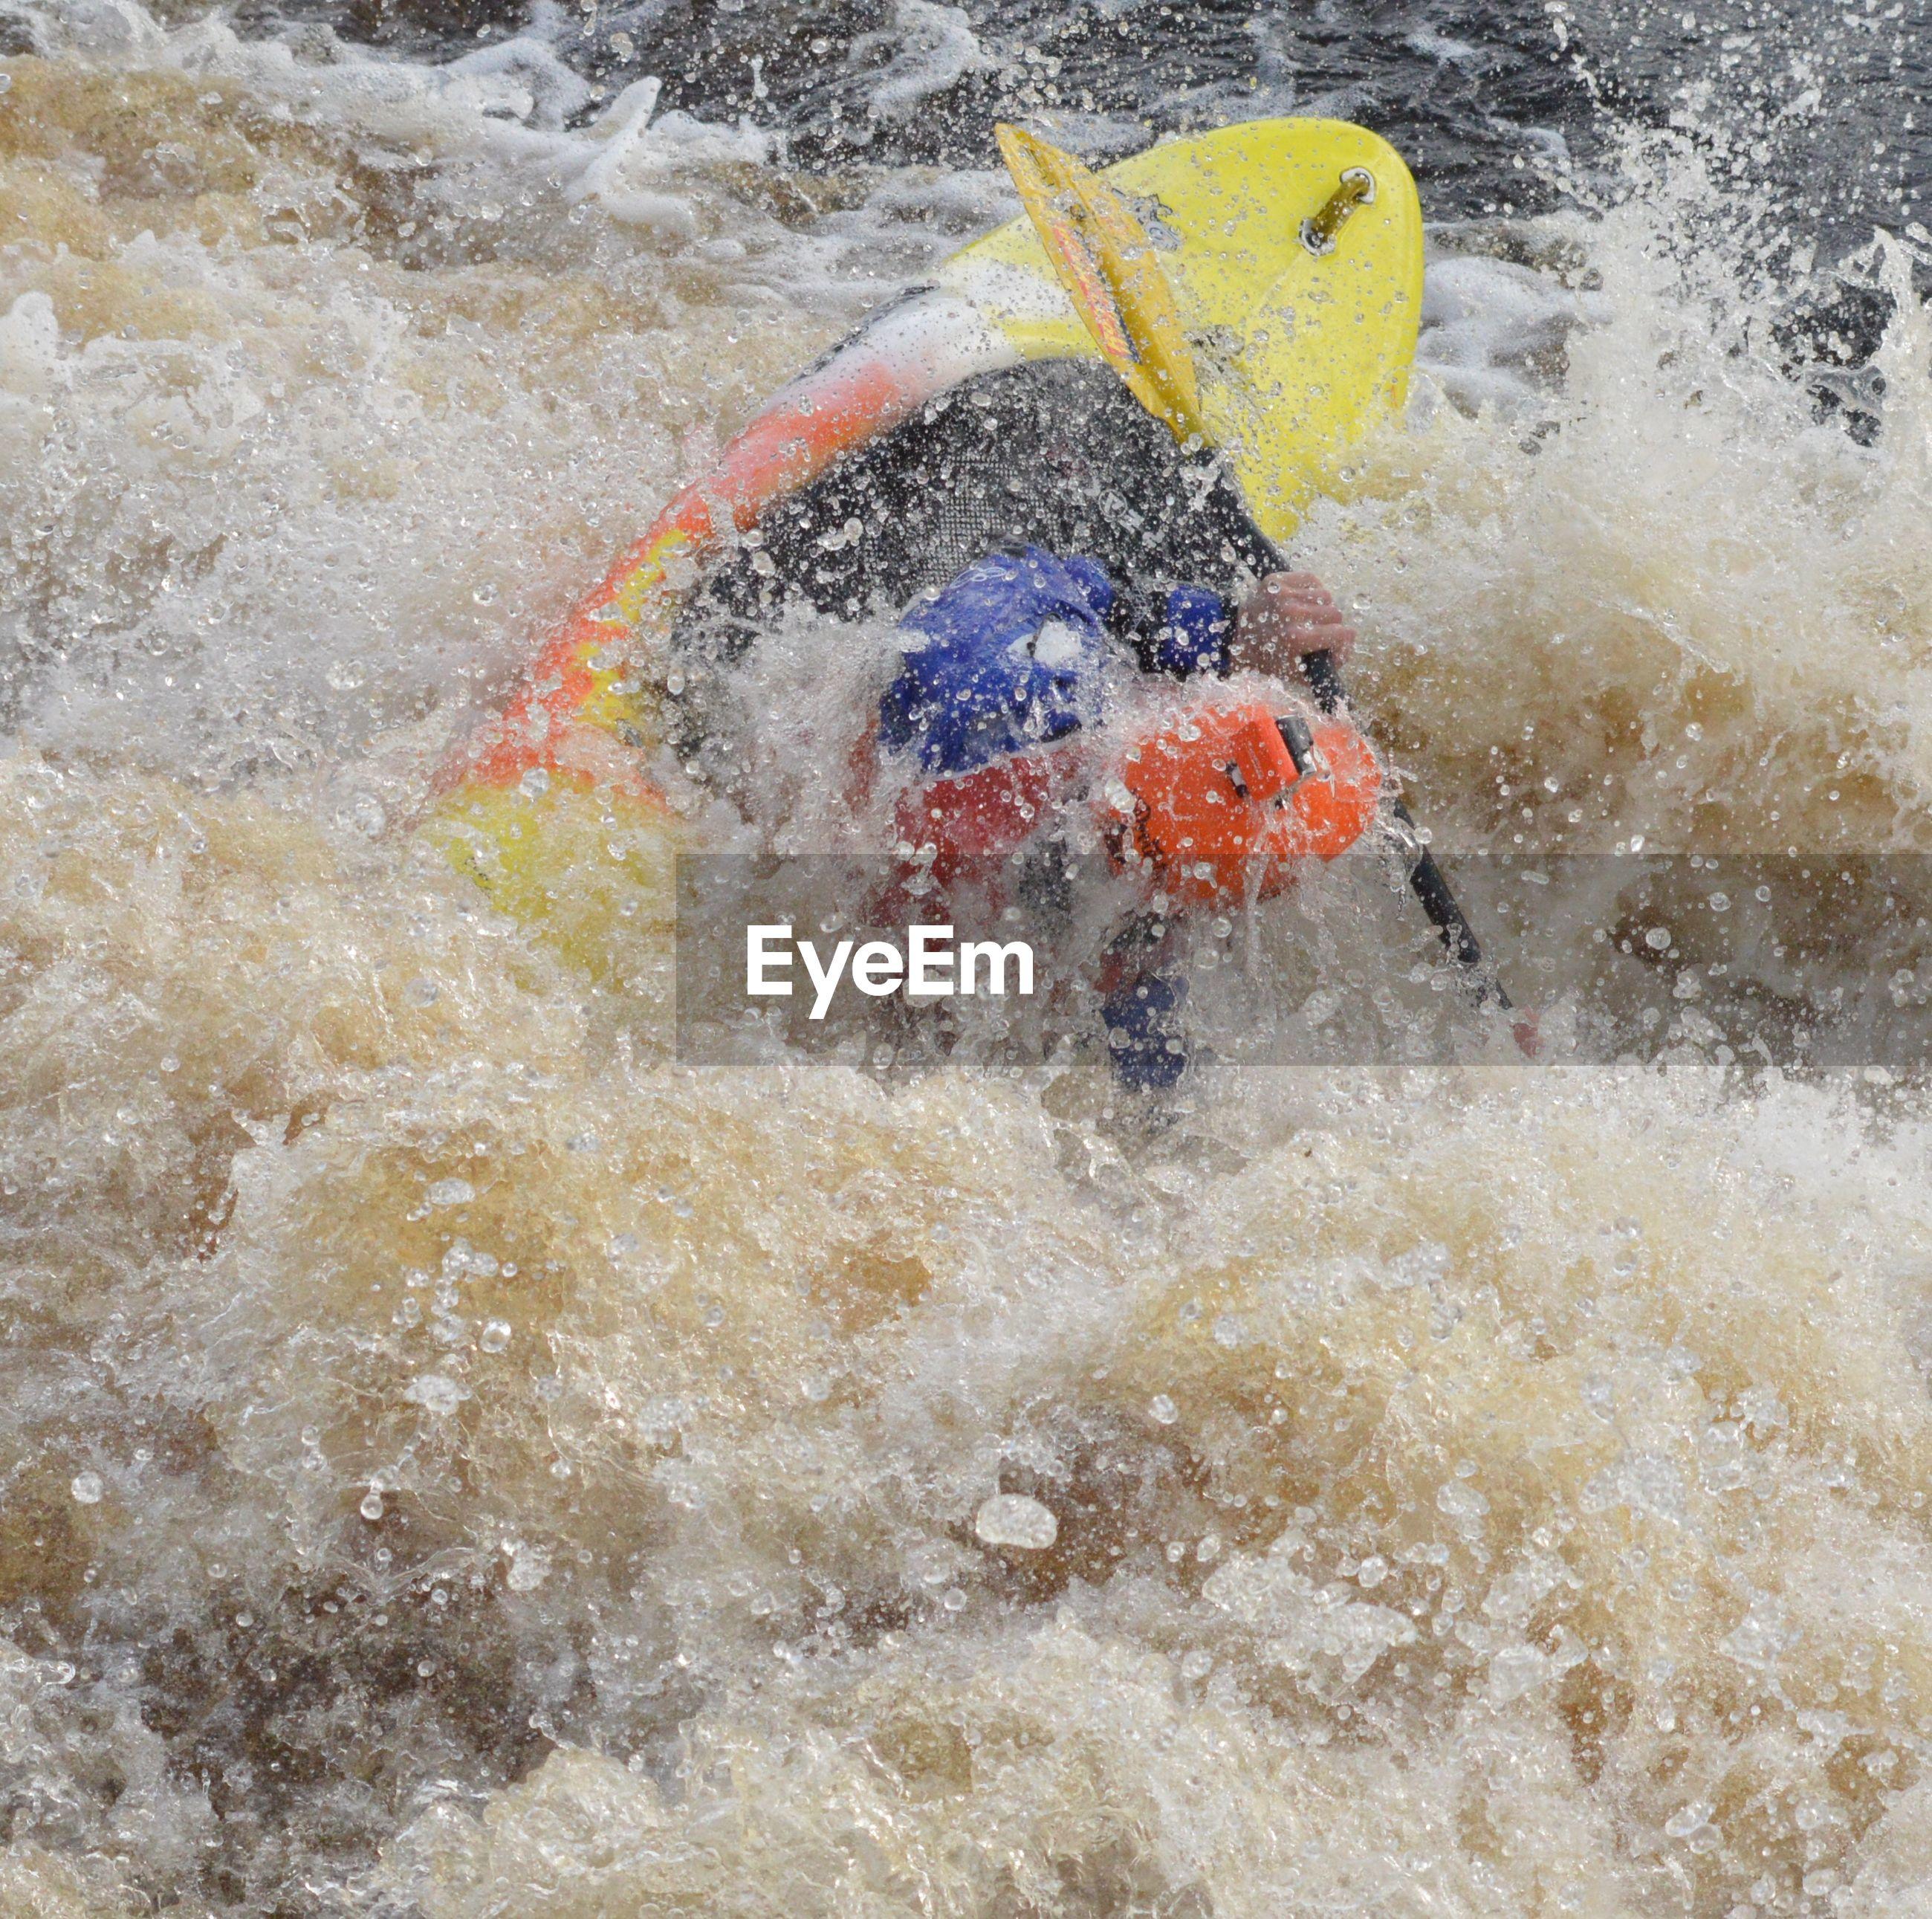 High angle view of man kayaking on river